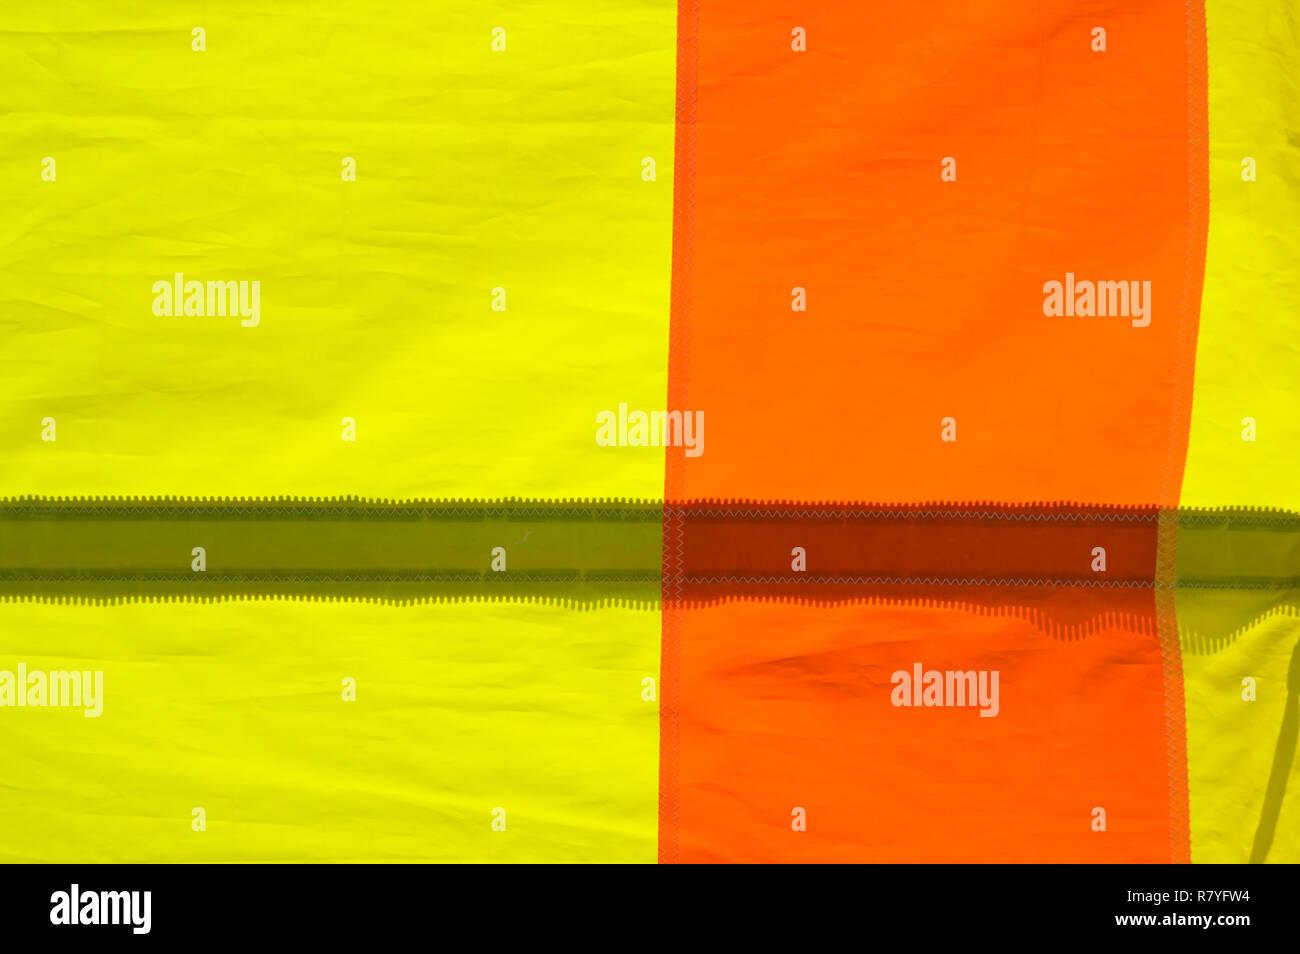 Yellow and Orange Nylon Sail Detail - Stock Image